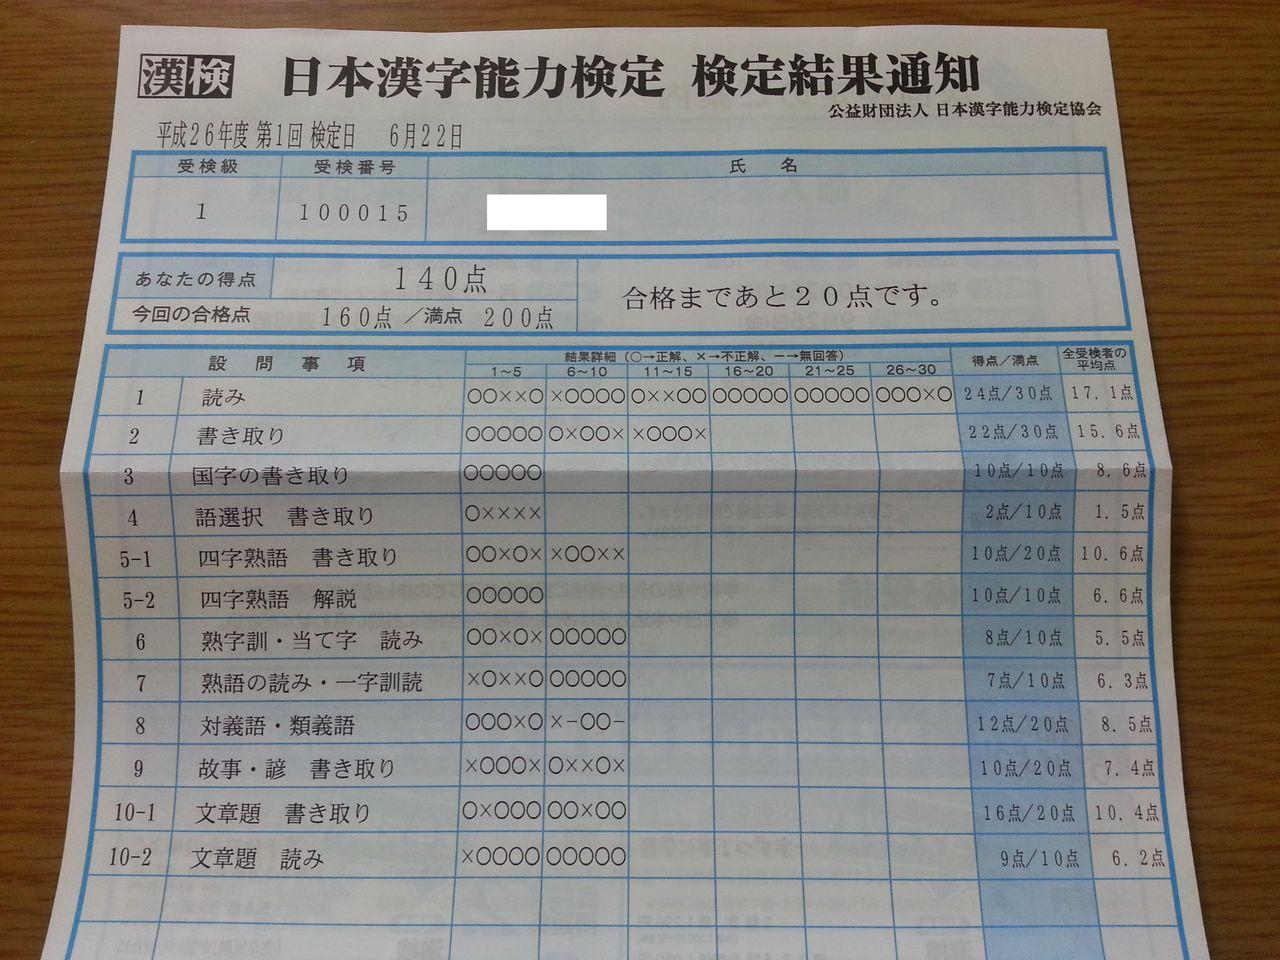 平成26年度第1回漢検1級結果 ... : 漢字の書き取り : 漢字